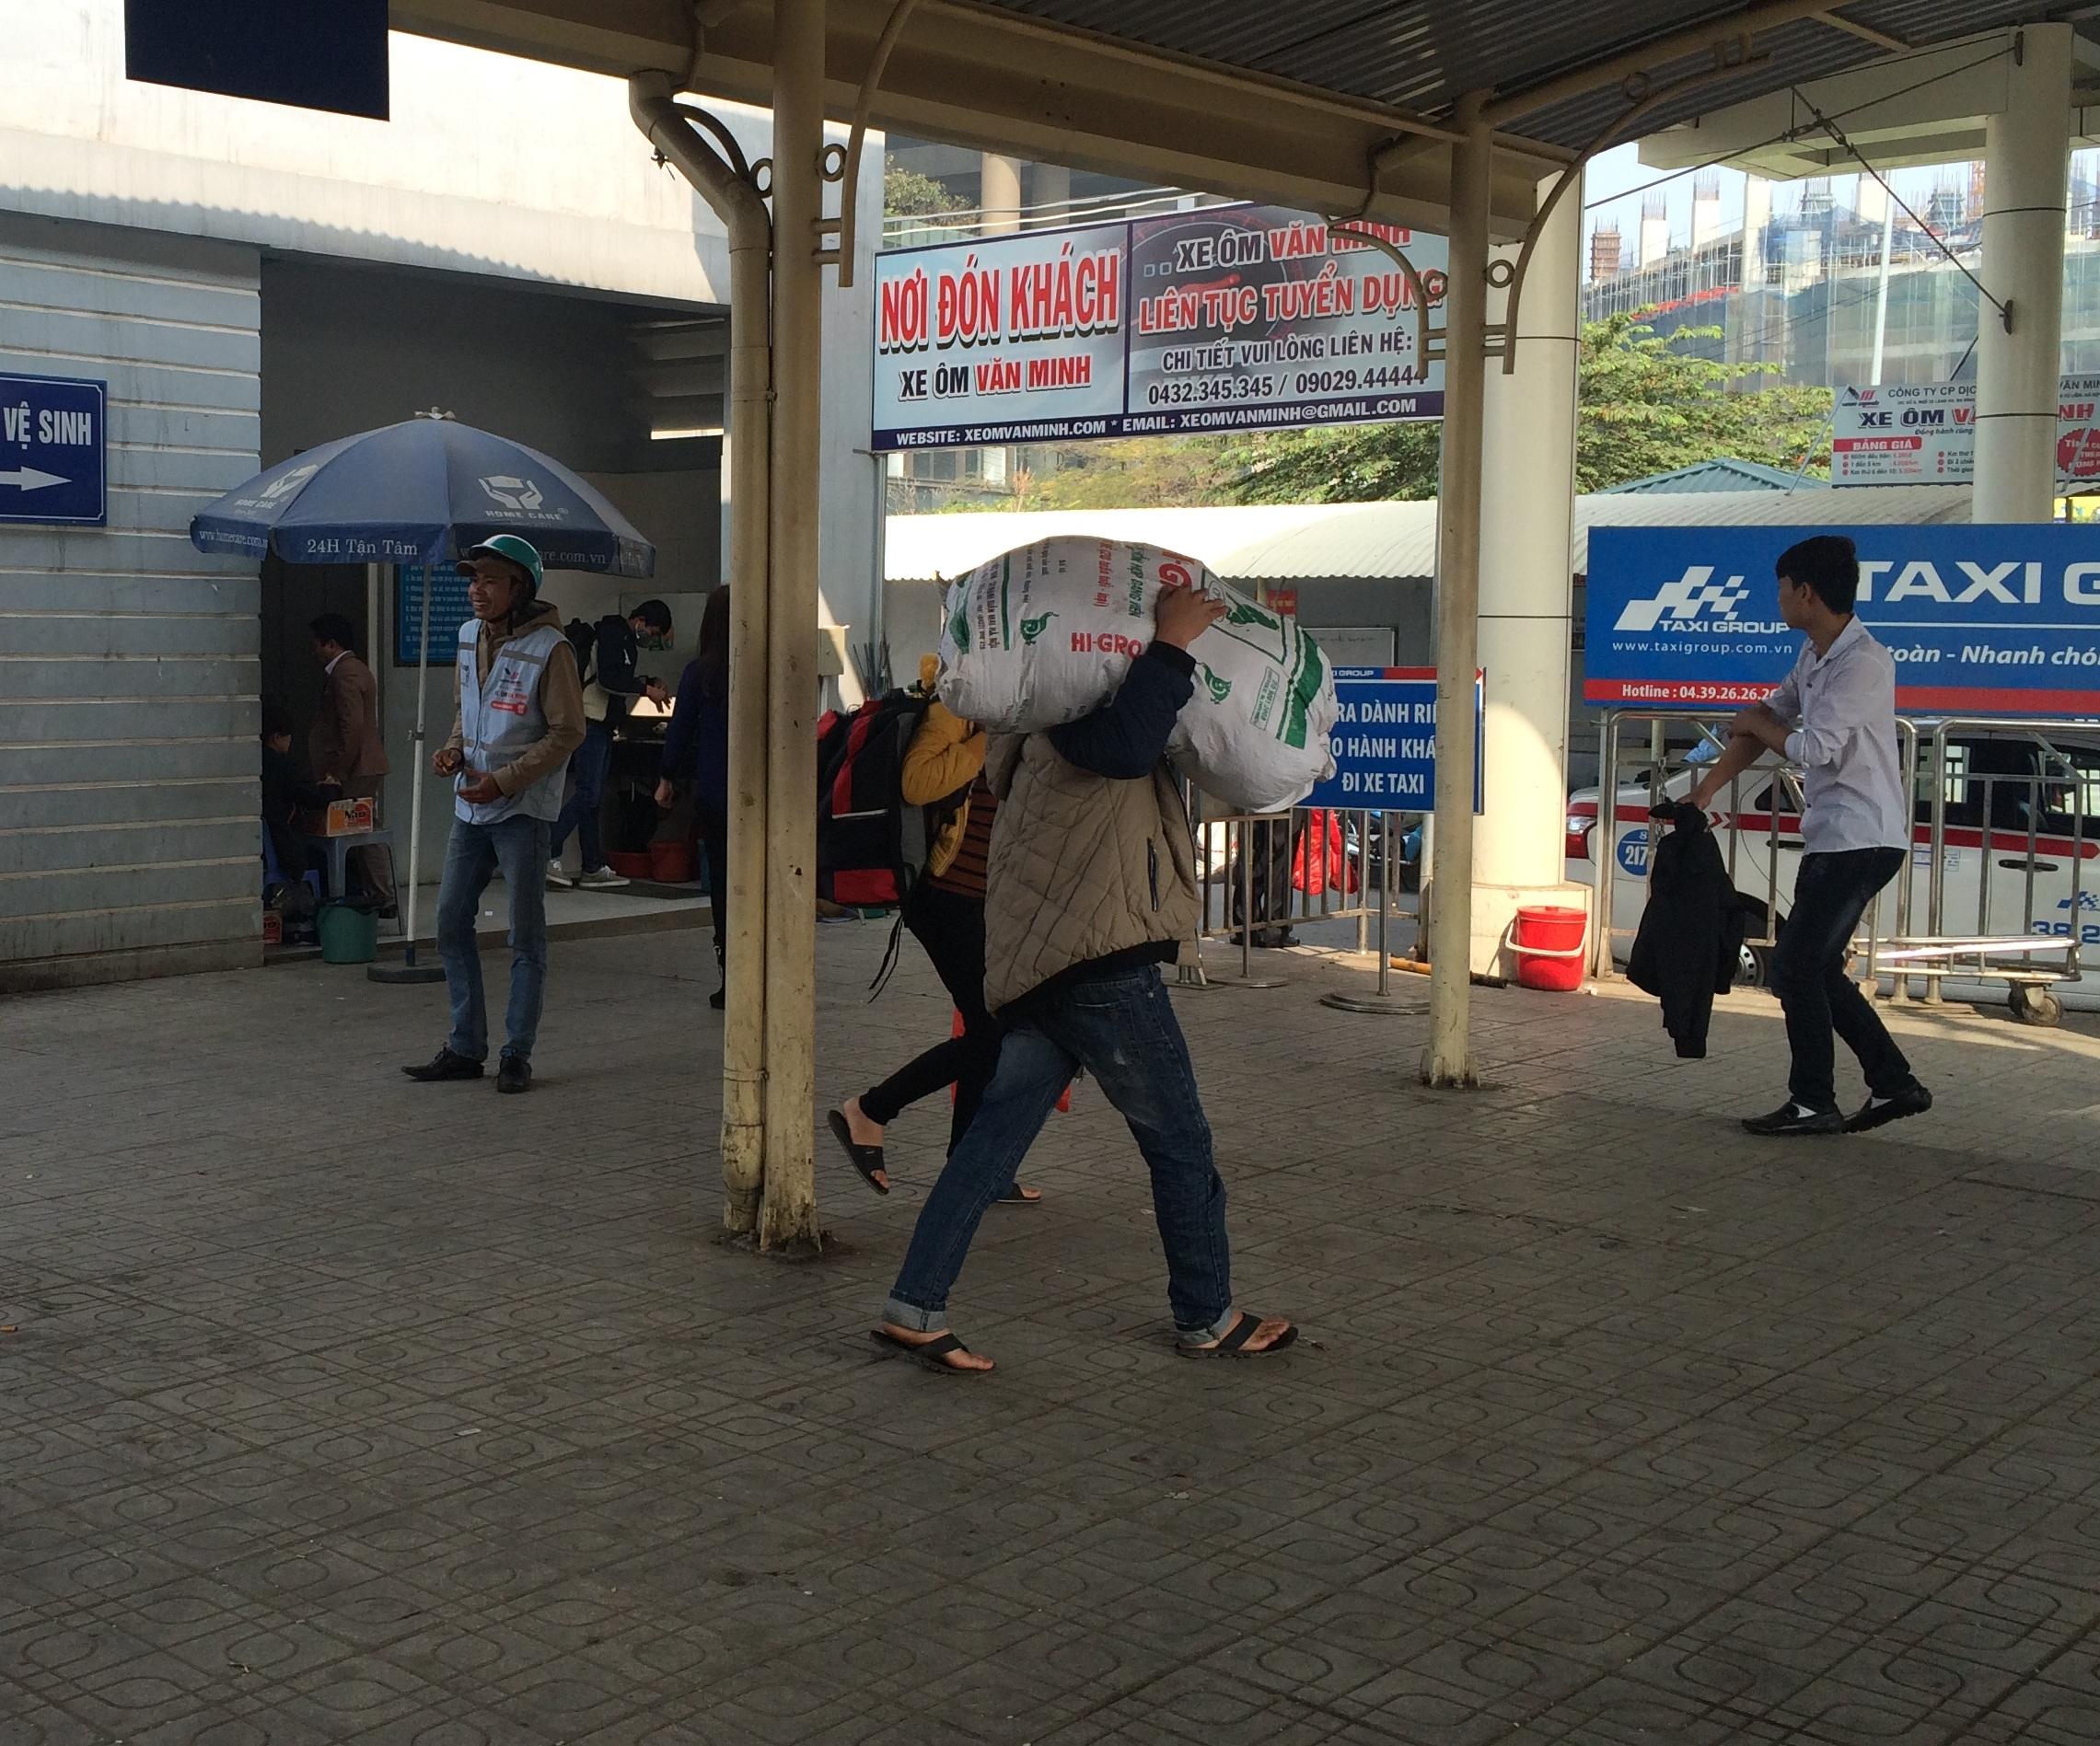 Mùng 5 Tết, người dân lỉnh kỉnh đồ đạc trở lại Thủ Đô 7